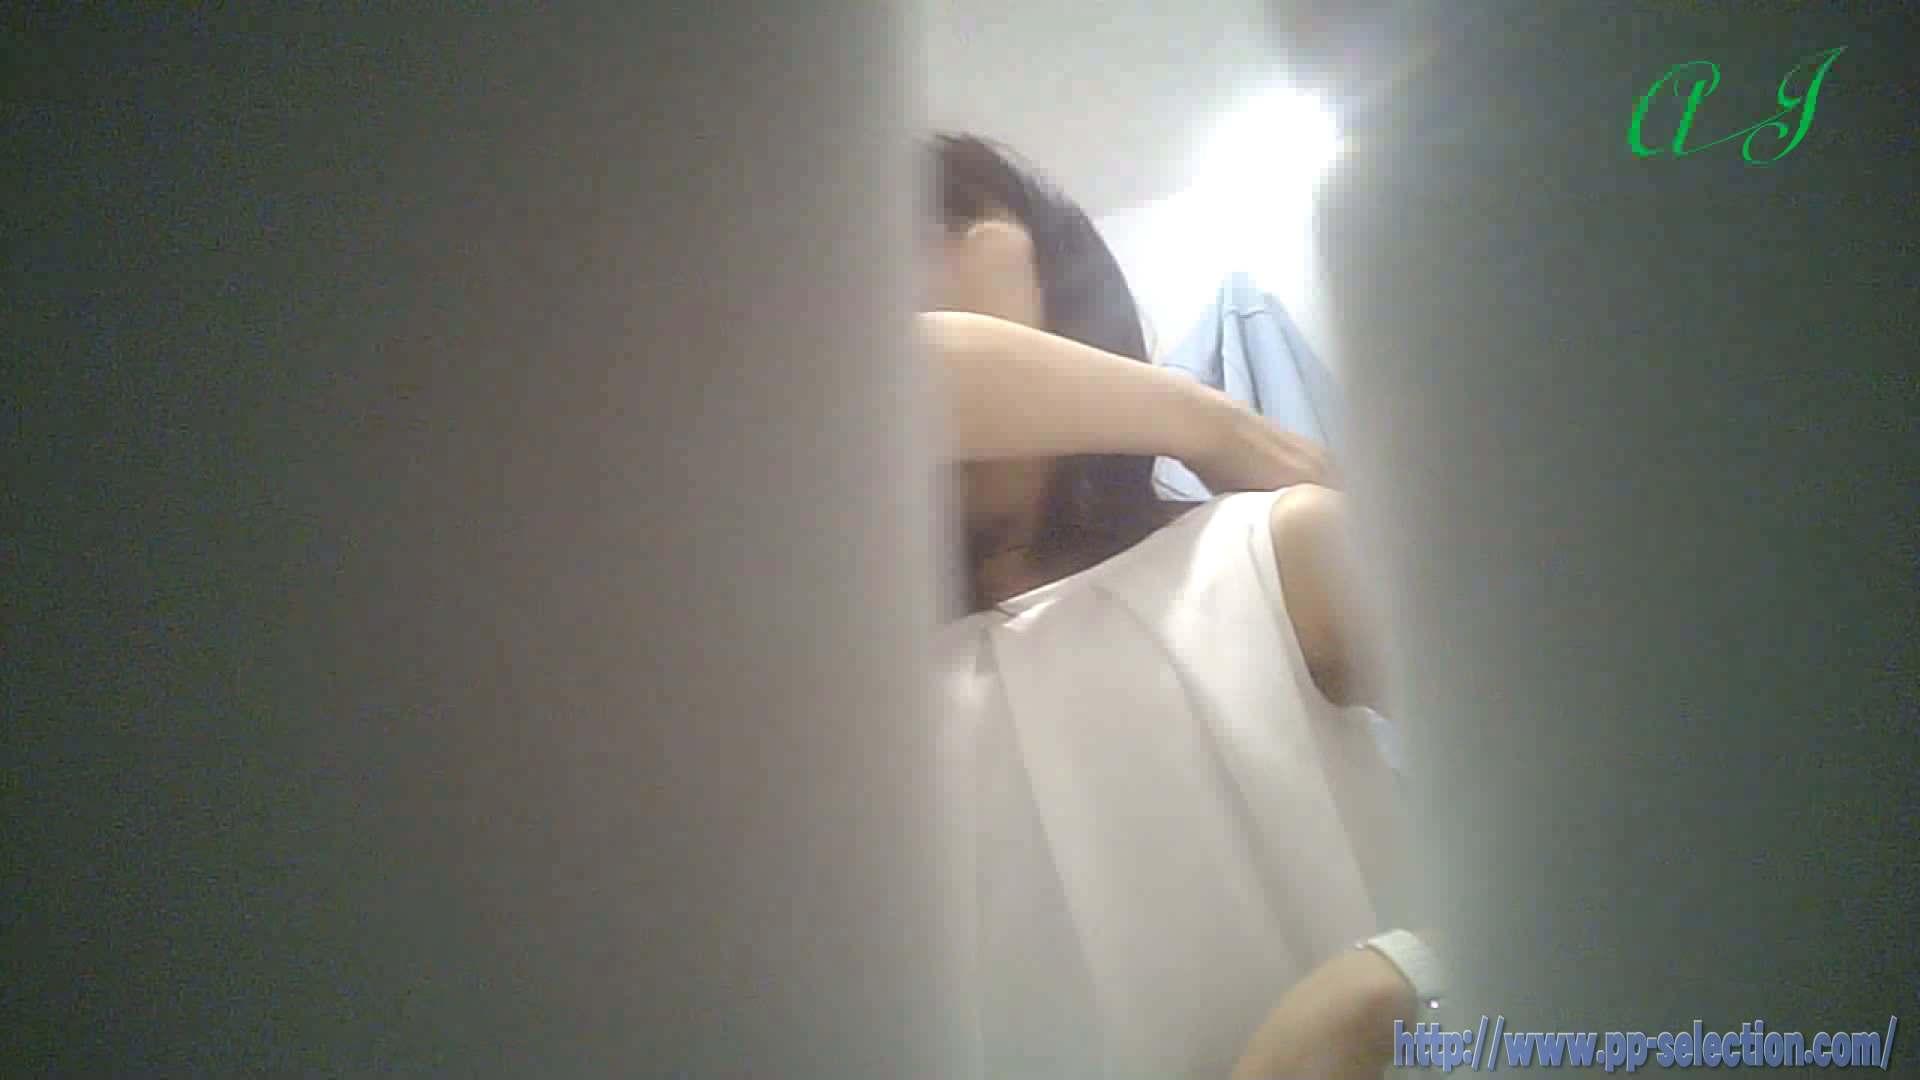 素敵なパンストお女市さん 有名大学女性洗面所 vol.73 盗撮で悶絶 性交動画流出 106画像 51